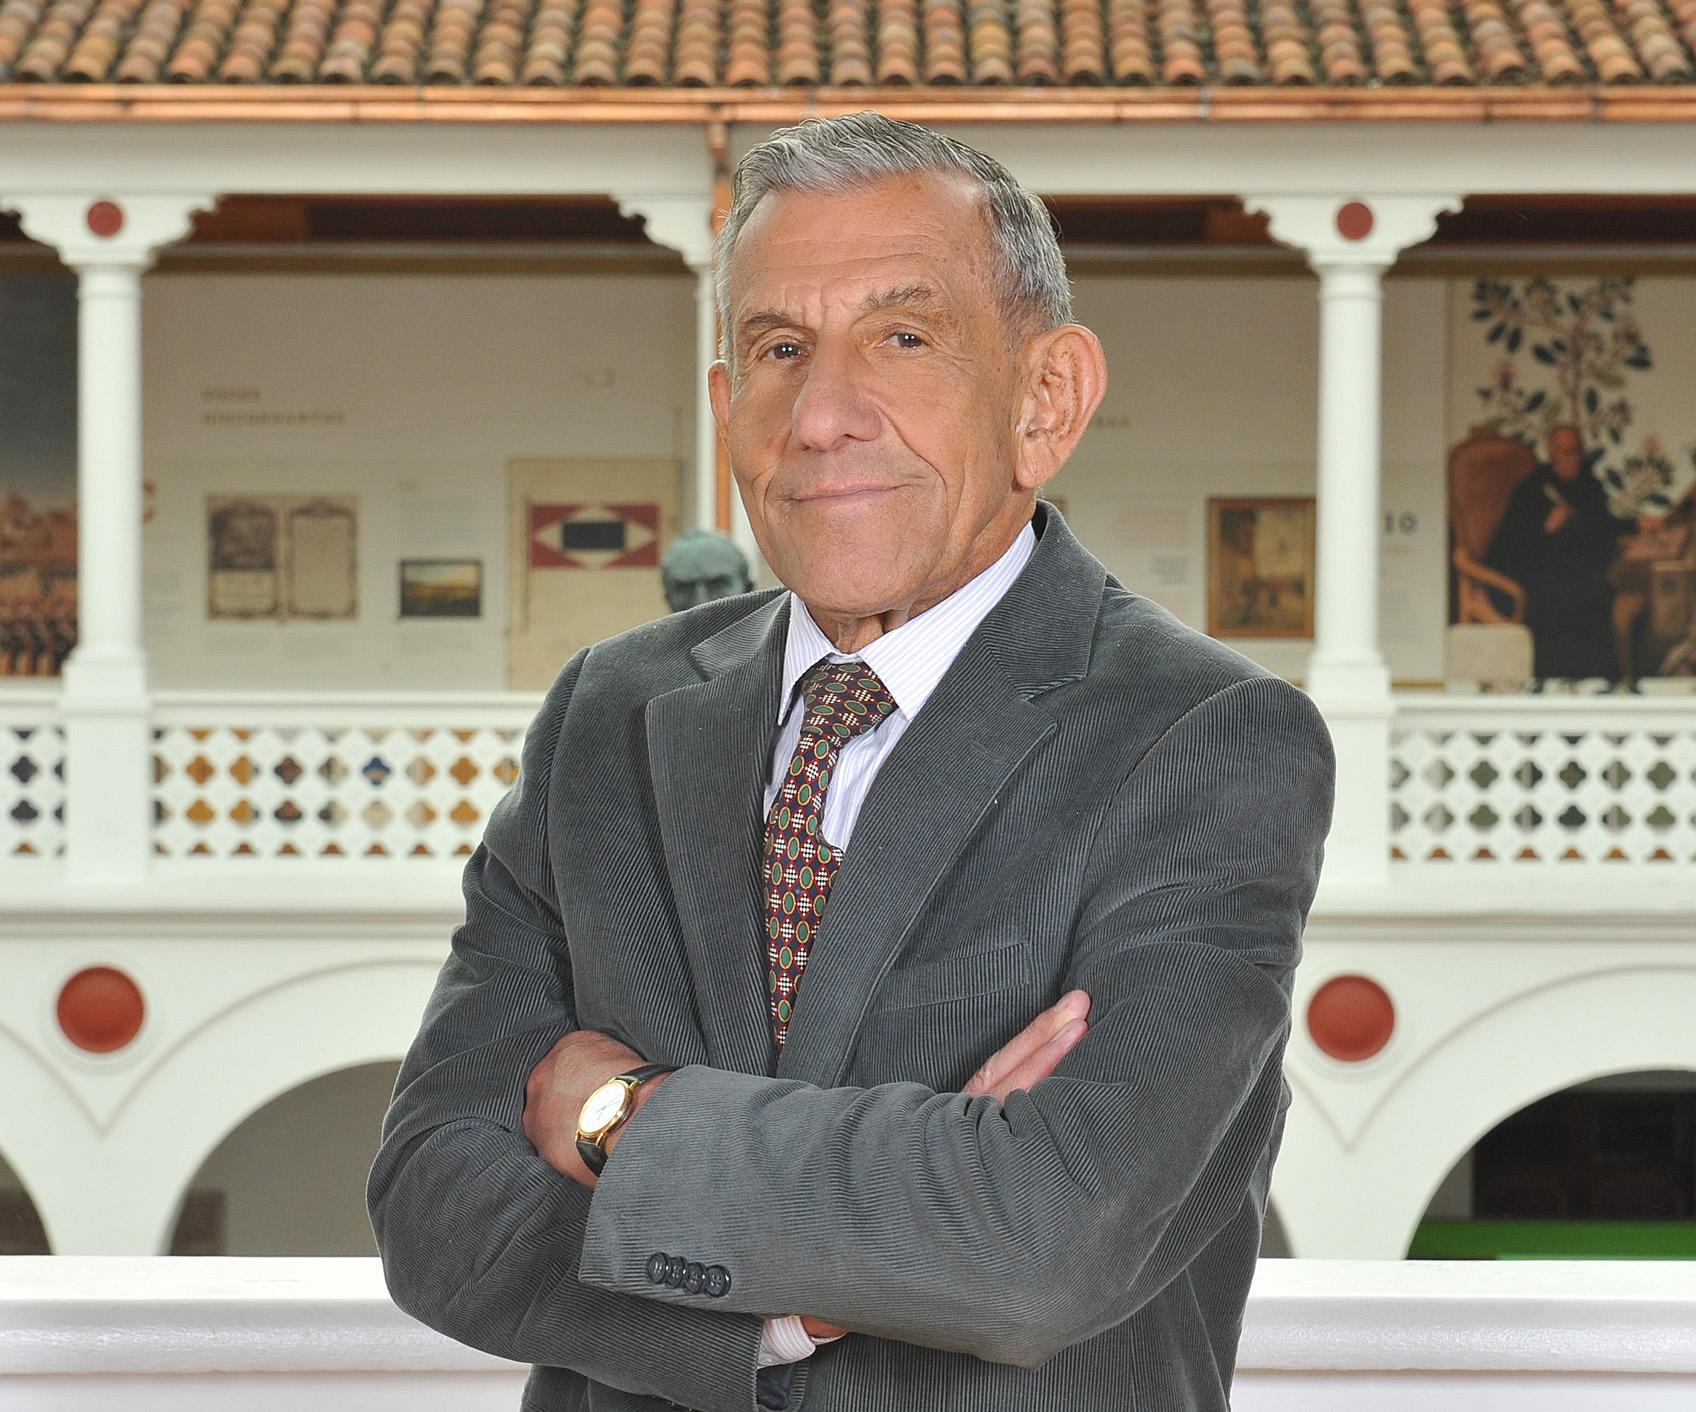 Palabras del Dr. Julio Londoño sobre la política exterior del presidente Álvaro Uribe Vélez